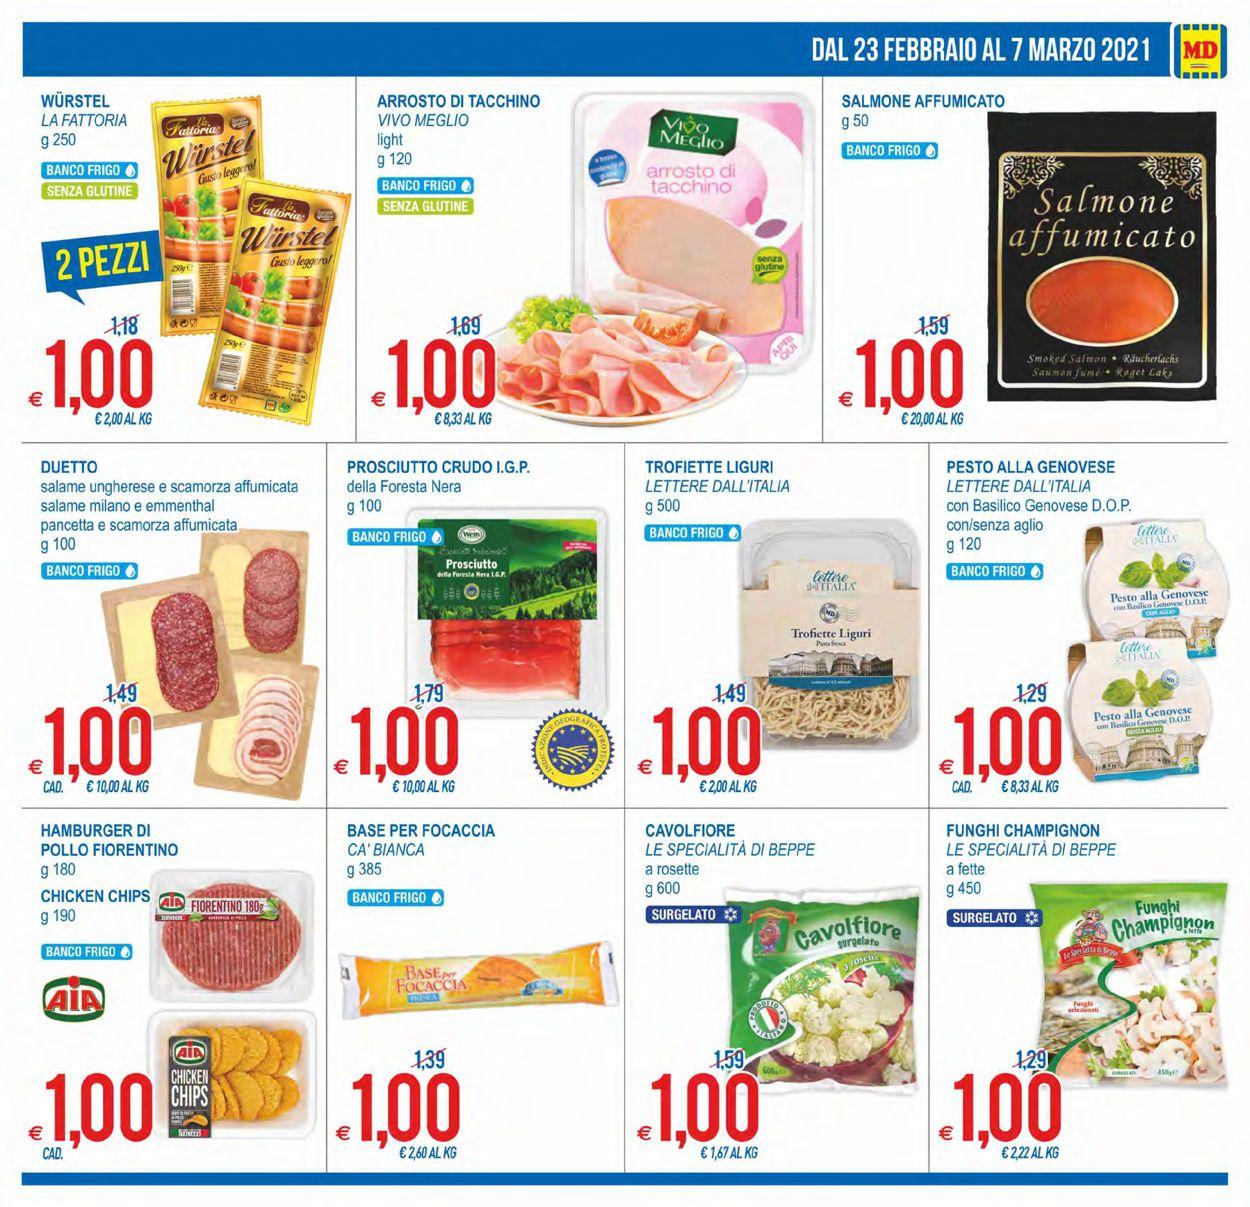 Volantino MD Discount - Offerte 23/02-07/03/2021 (Pagina 3)